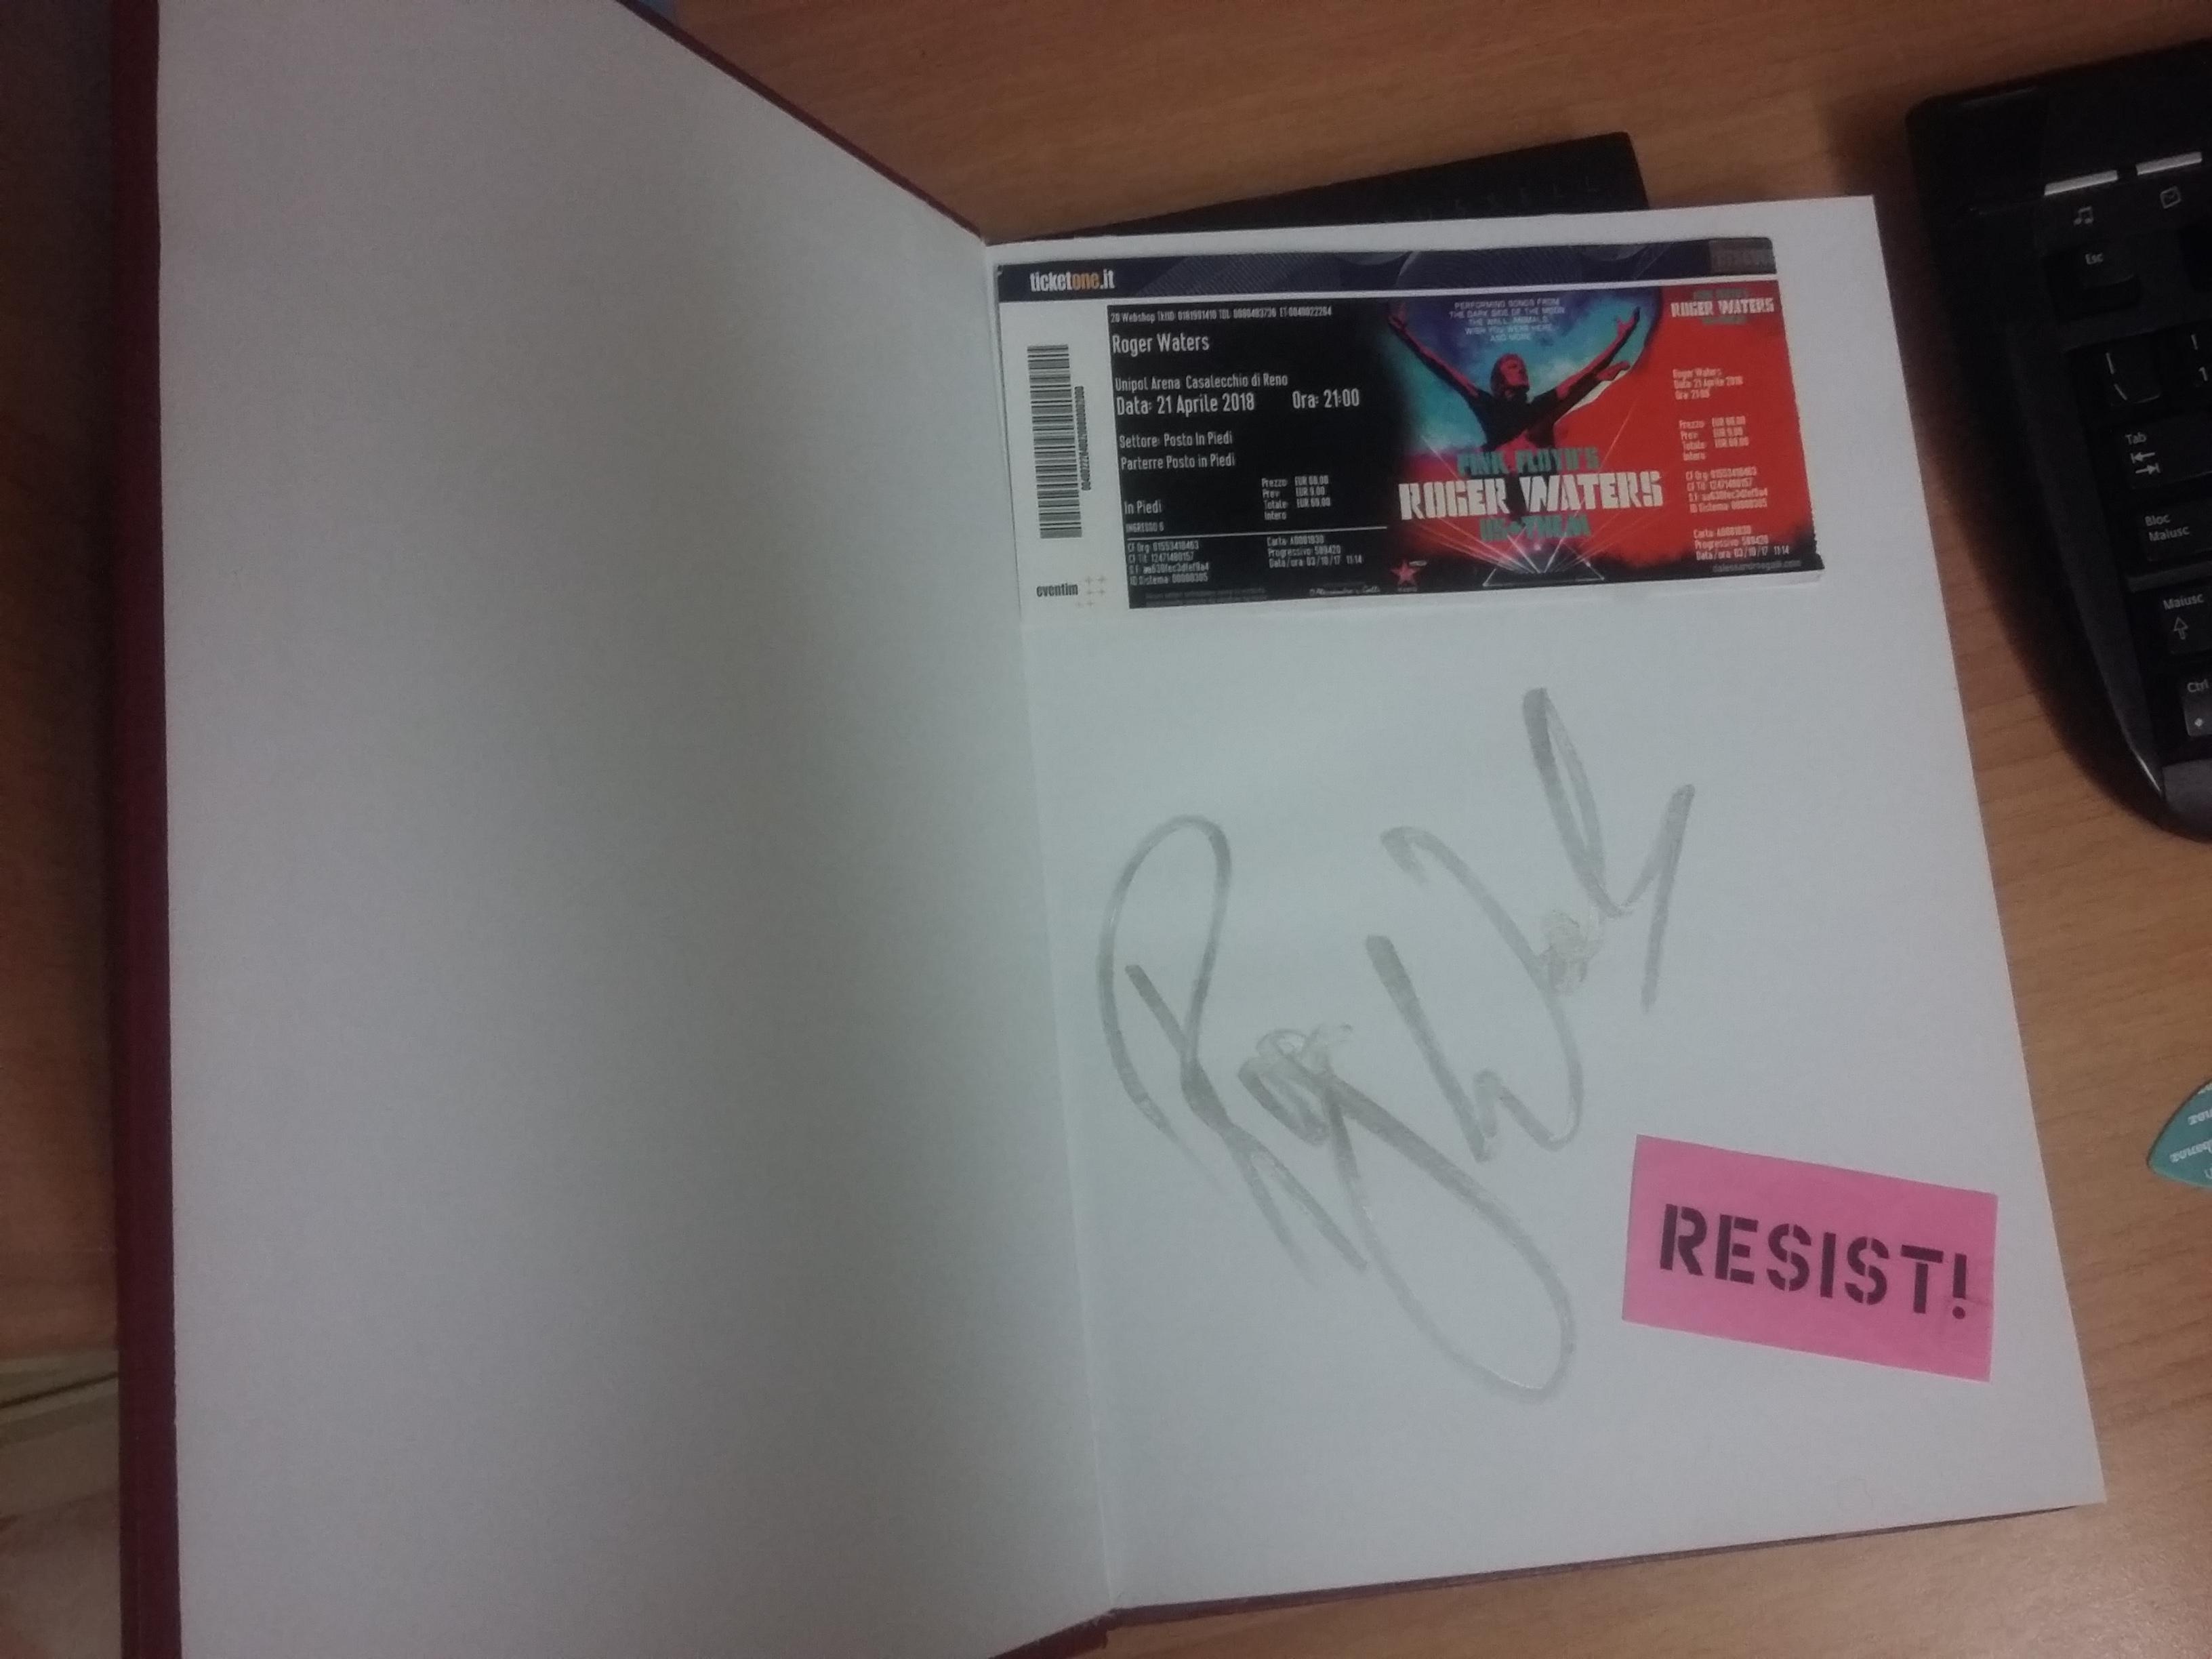 E alla fine l'ho data a Roger Waters...